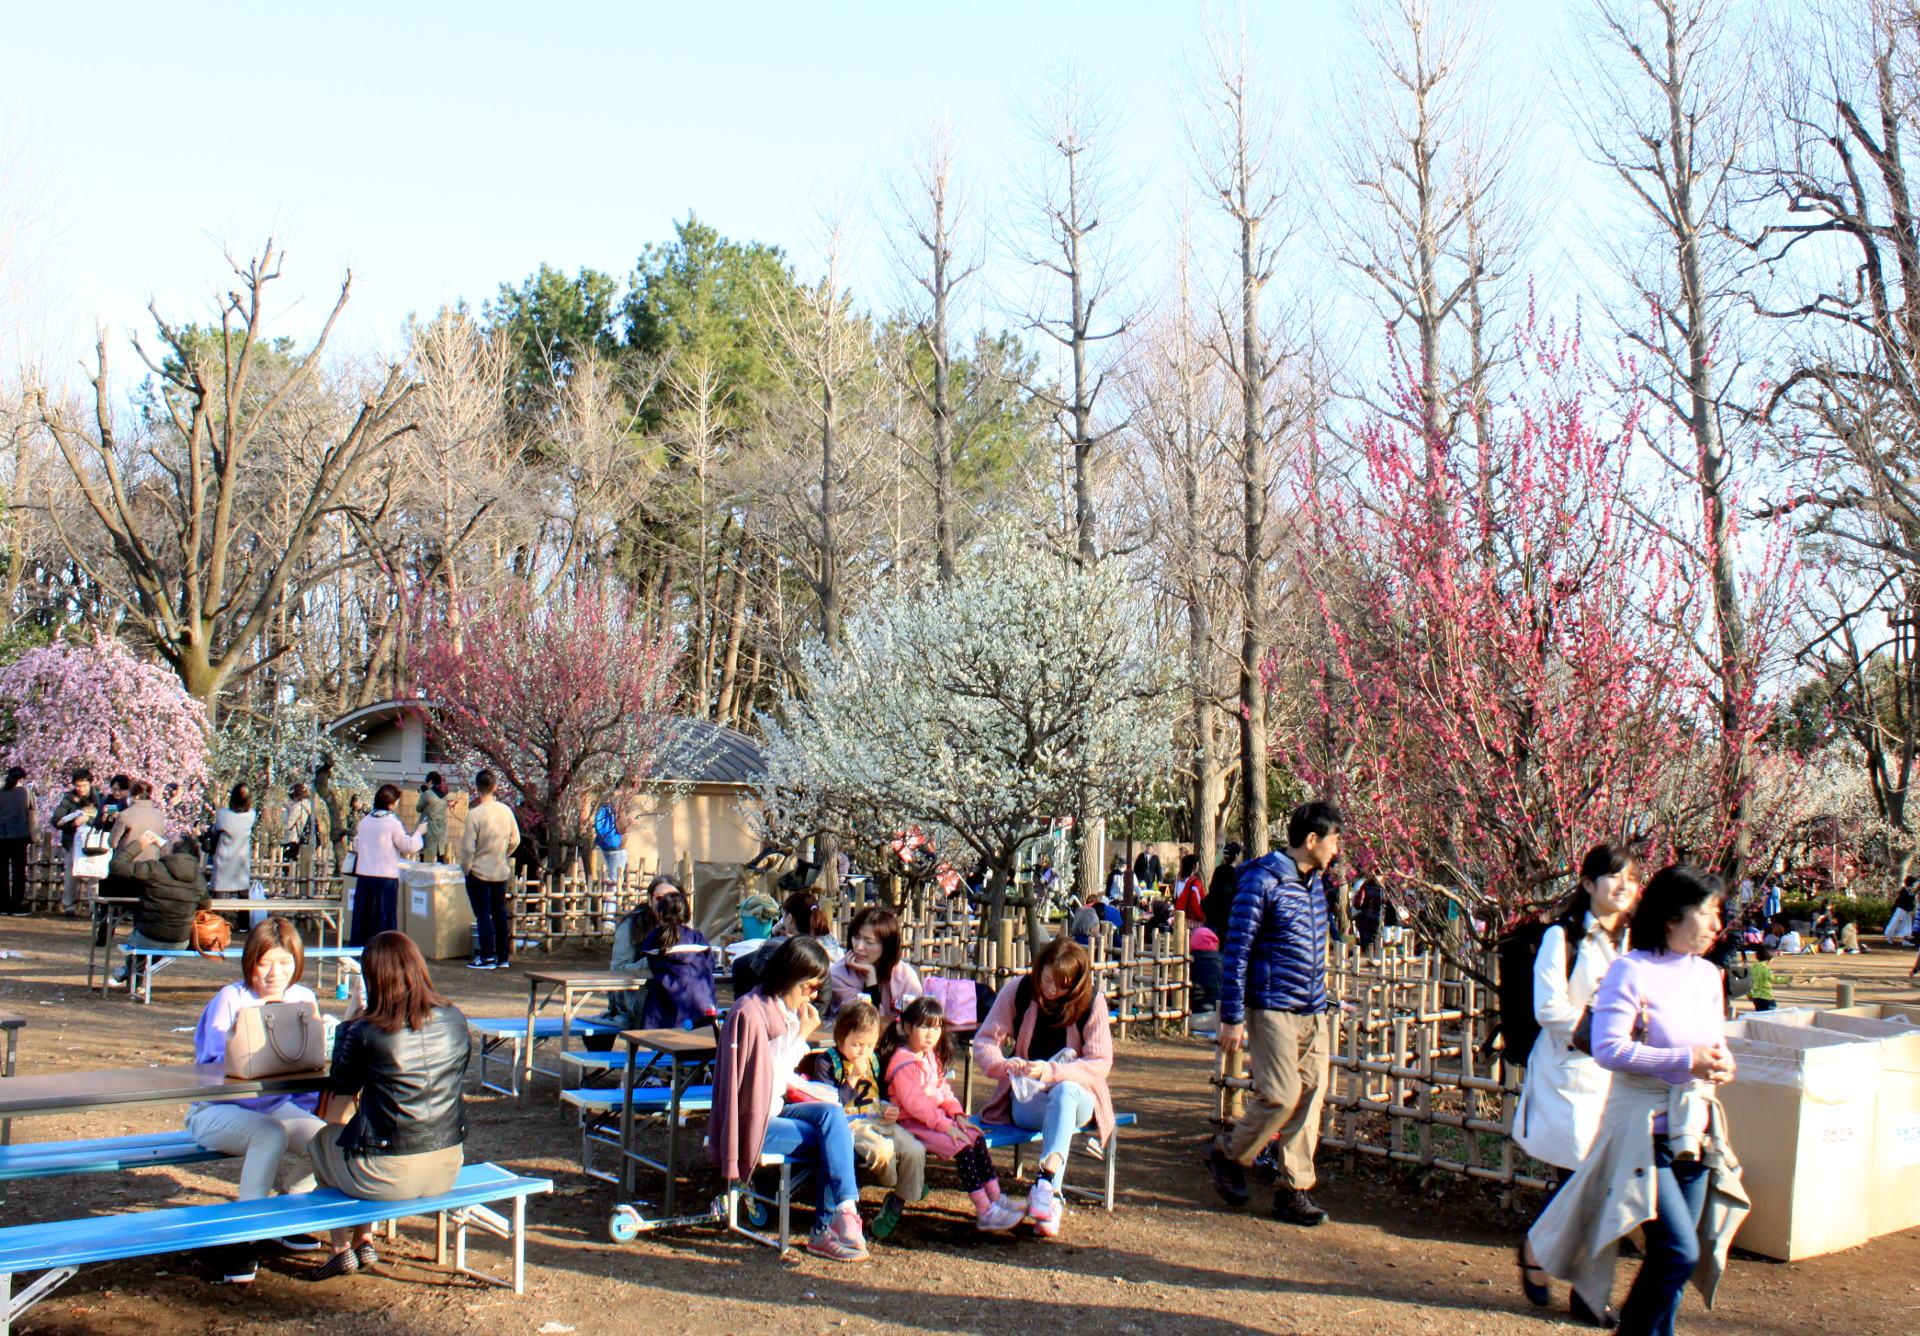 tokio japonia tokyo japan park kwitnacawisnia kwiaty cherryblossom plumblossom kwitnacasliwka hanami sakura springinjapan wiosnawjaponii iglawpodrozy